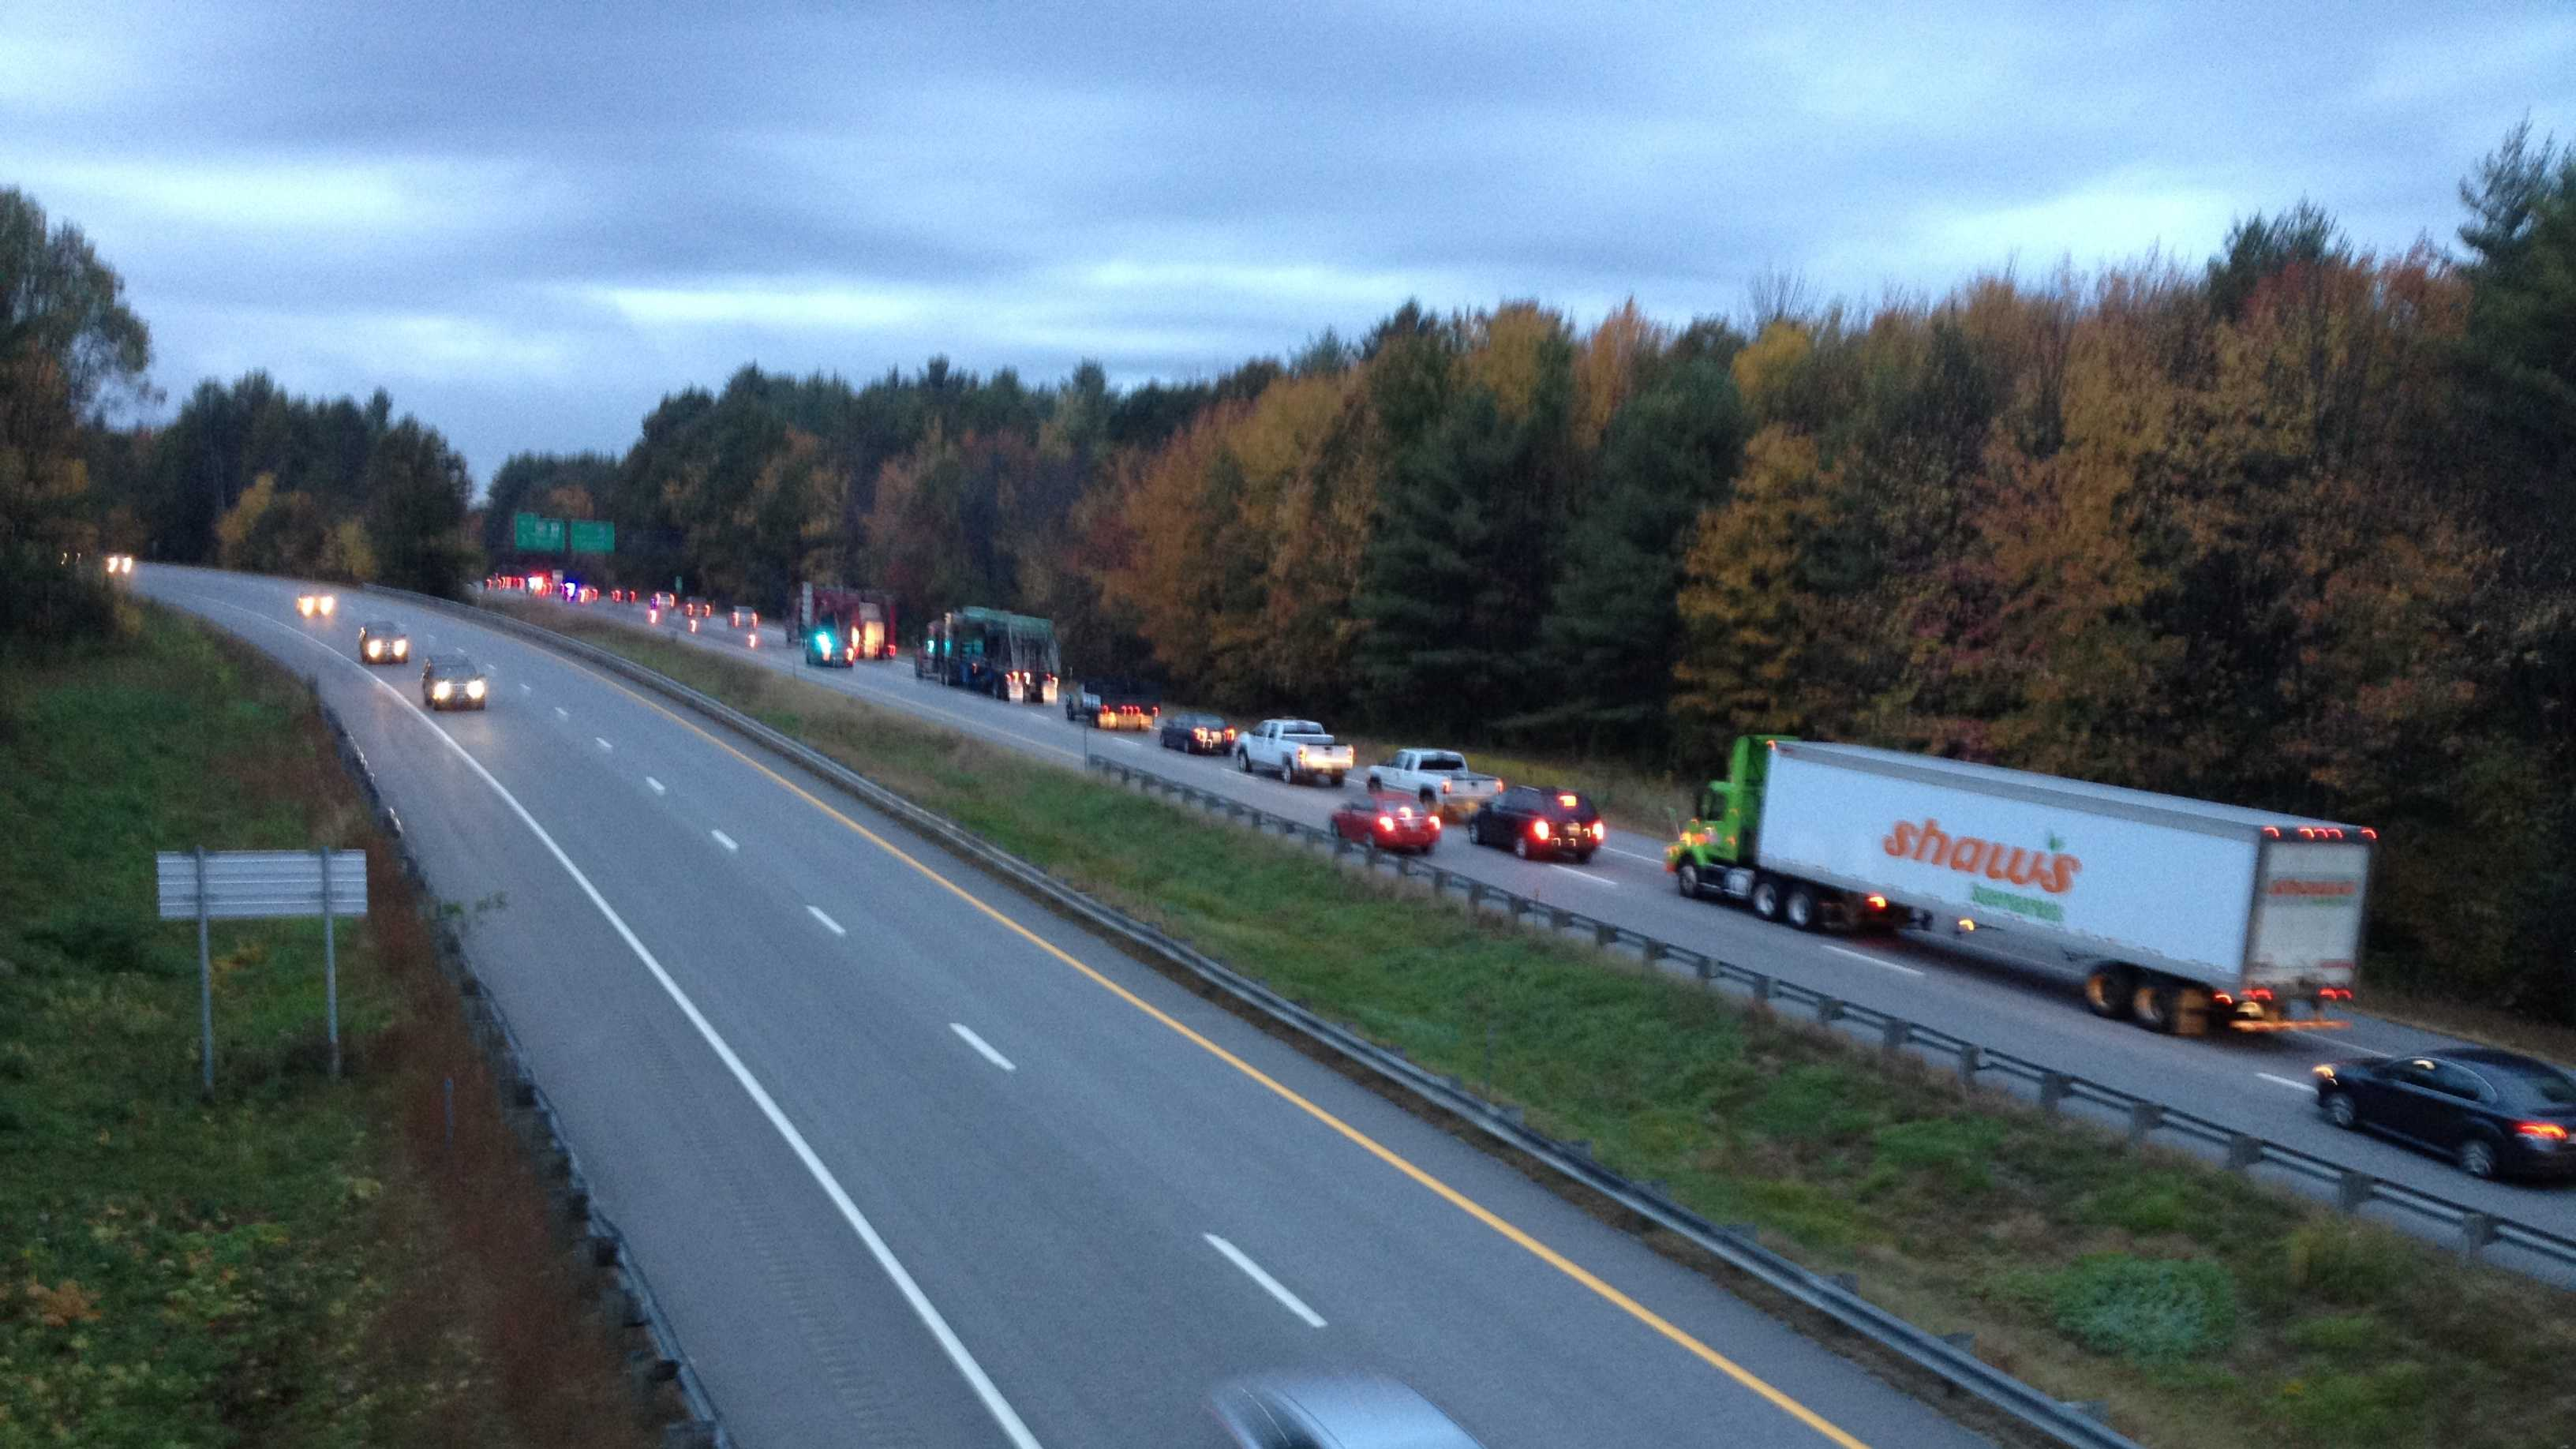 89 traffic backup in Hopkinton